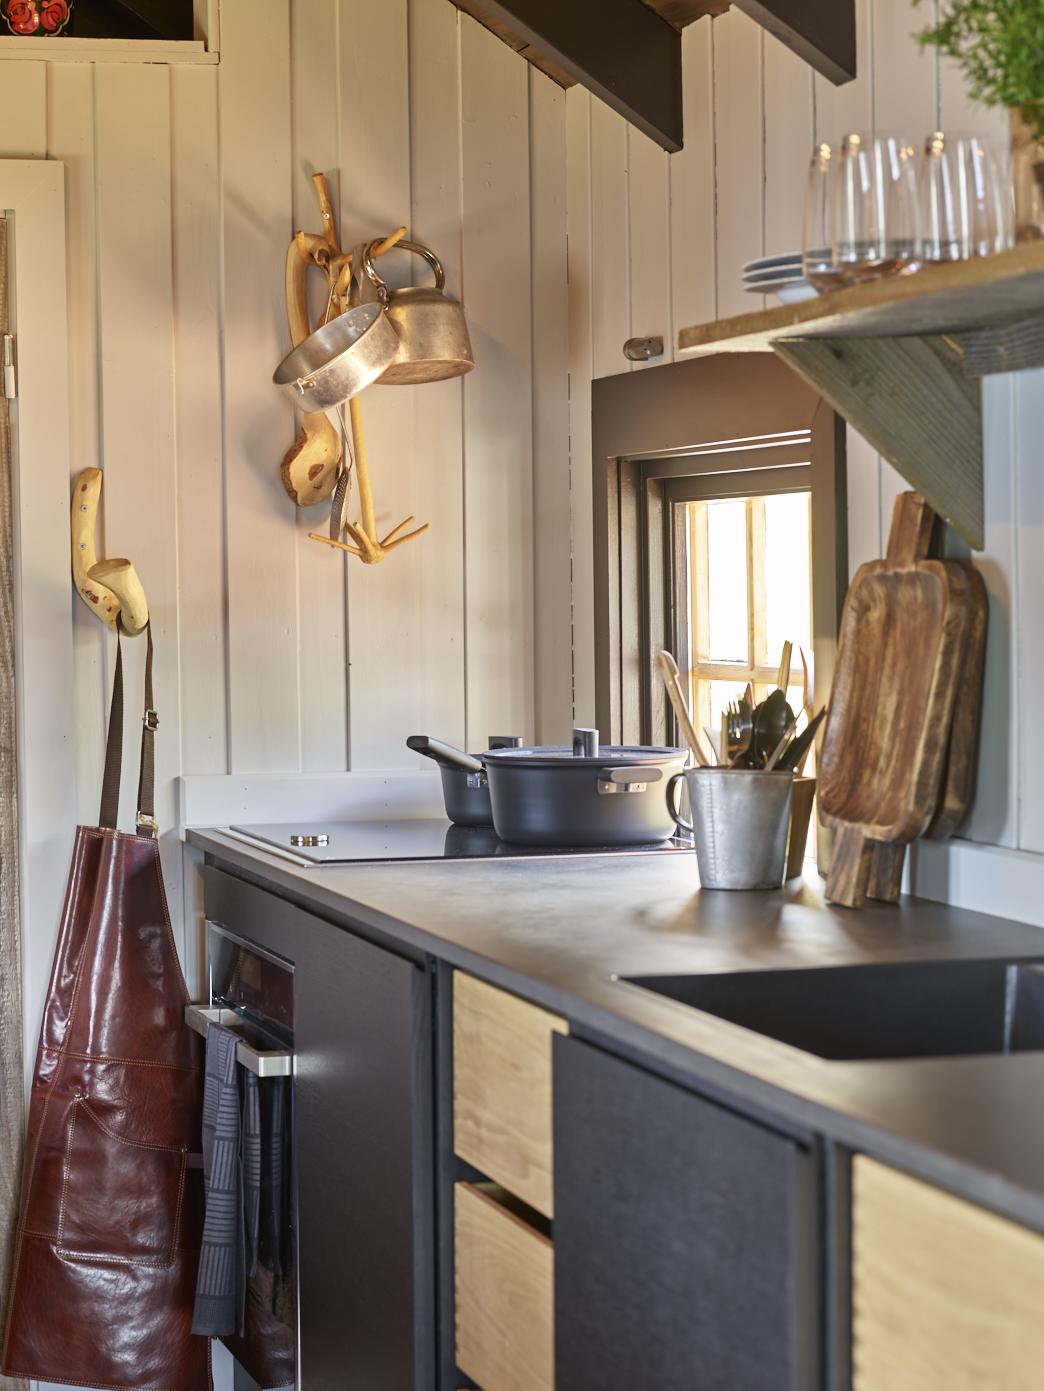 Jernia har bistått med mange produkter til kjøkkenet